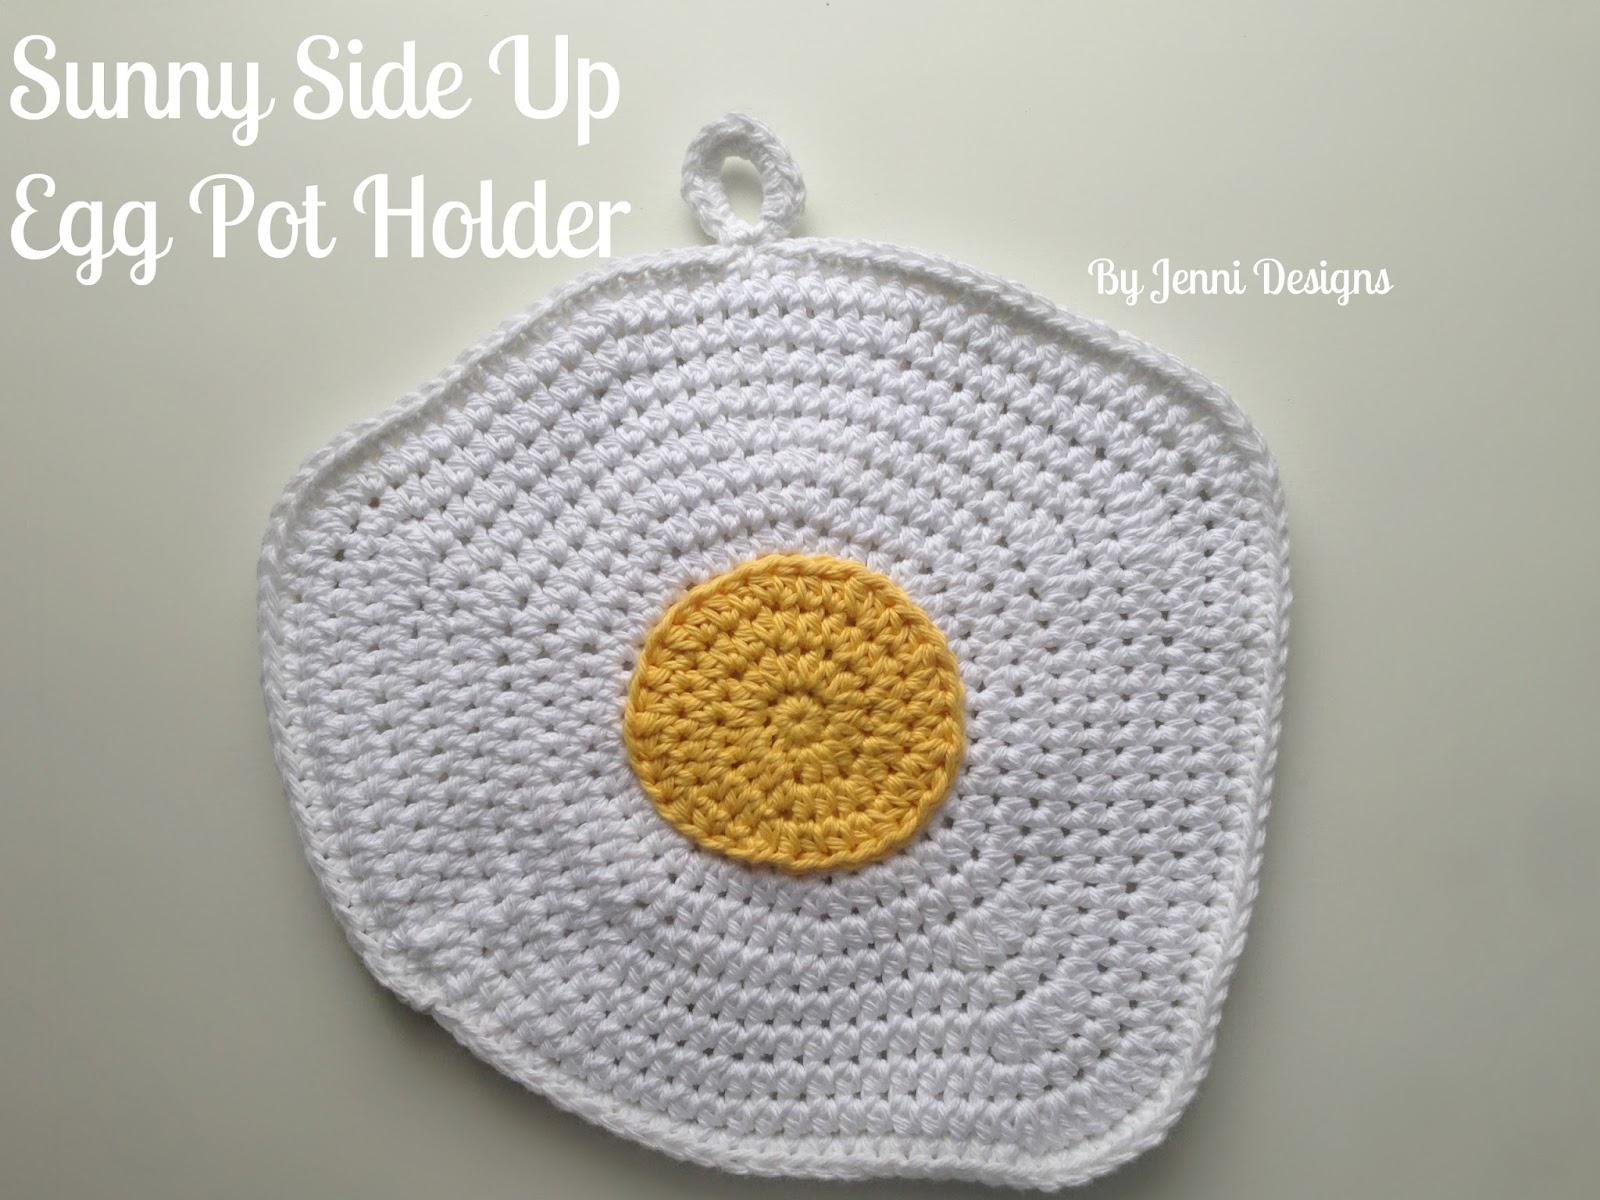 By Jenni Designs: Free Crochet Pattern: Sunny Side Up Egg Pot Holder